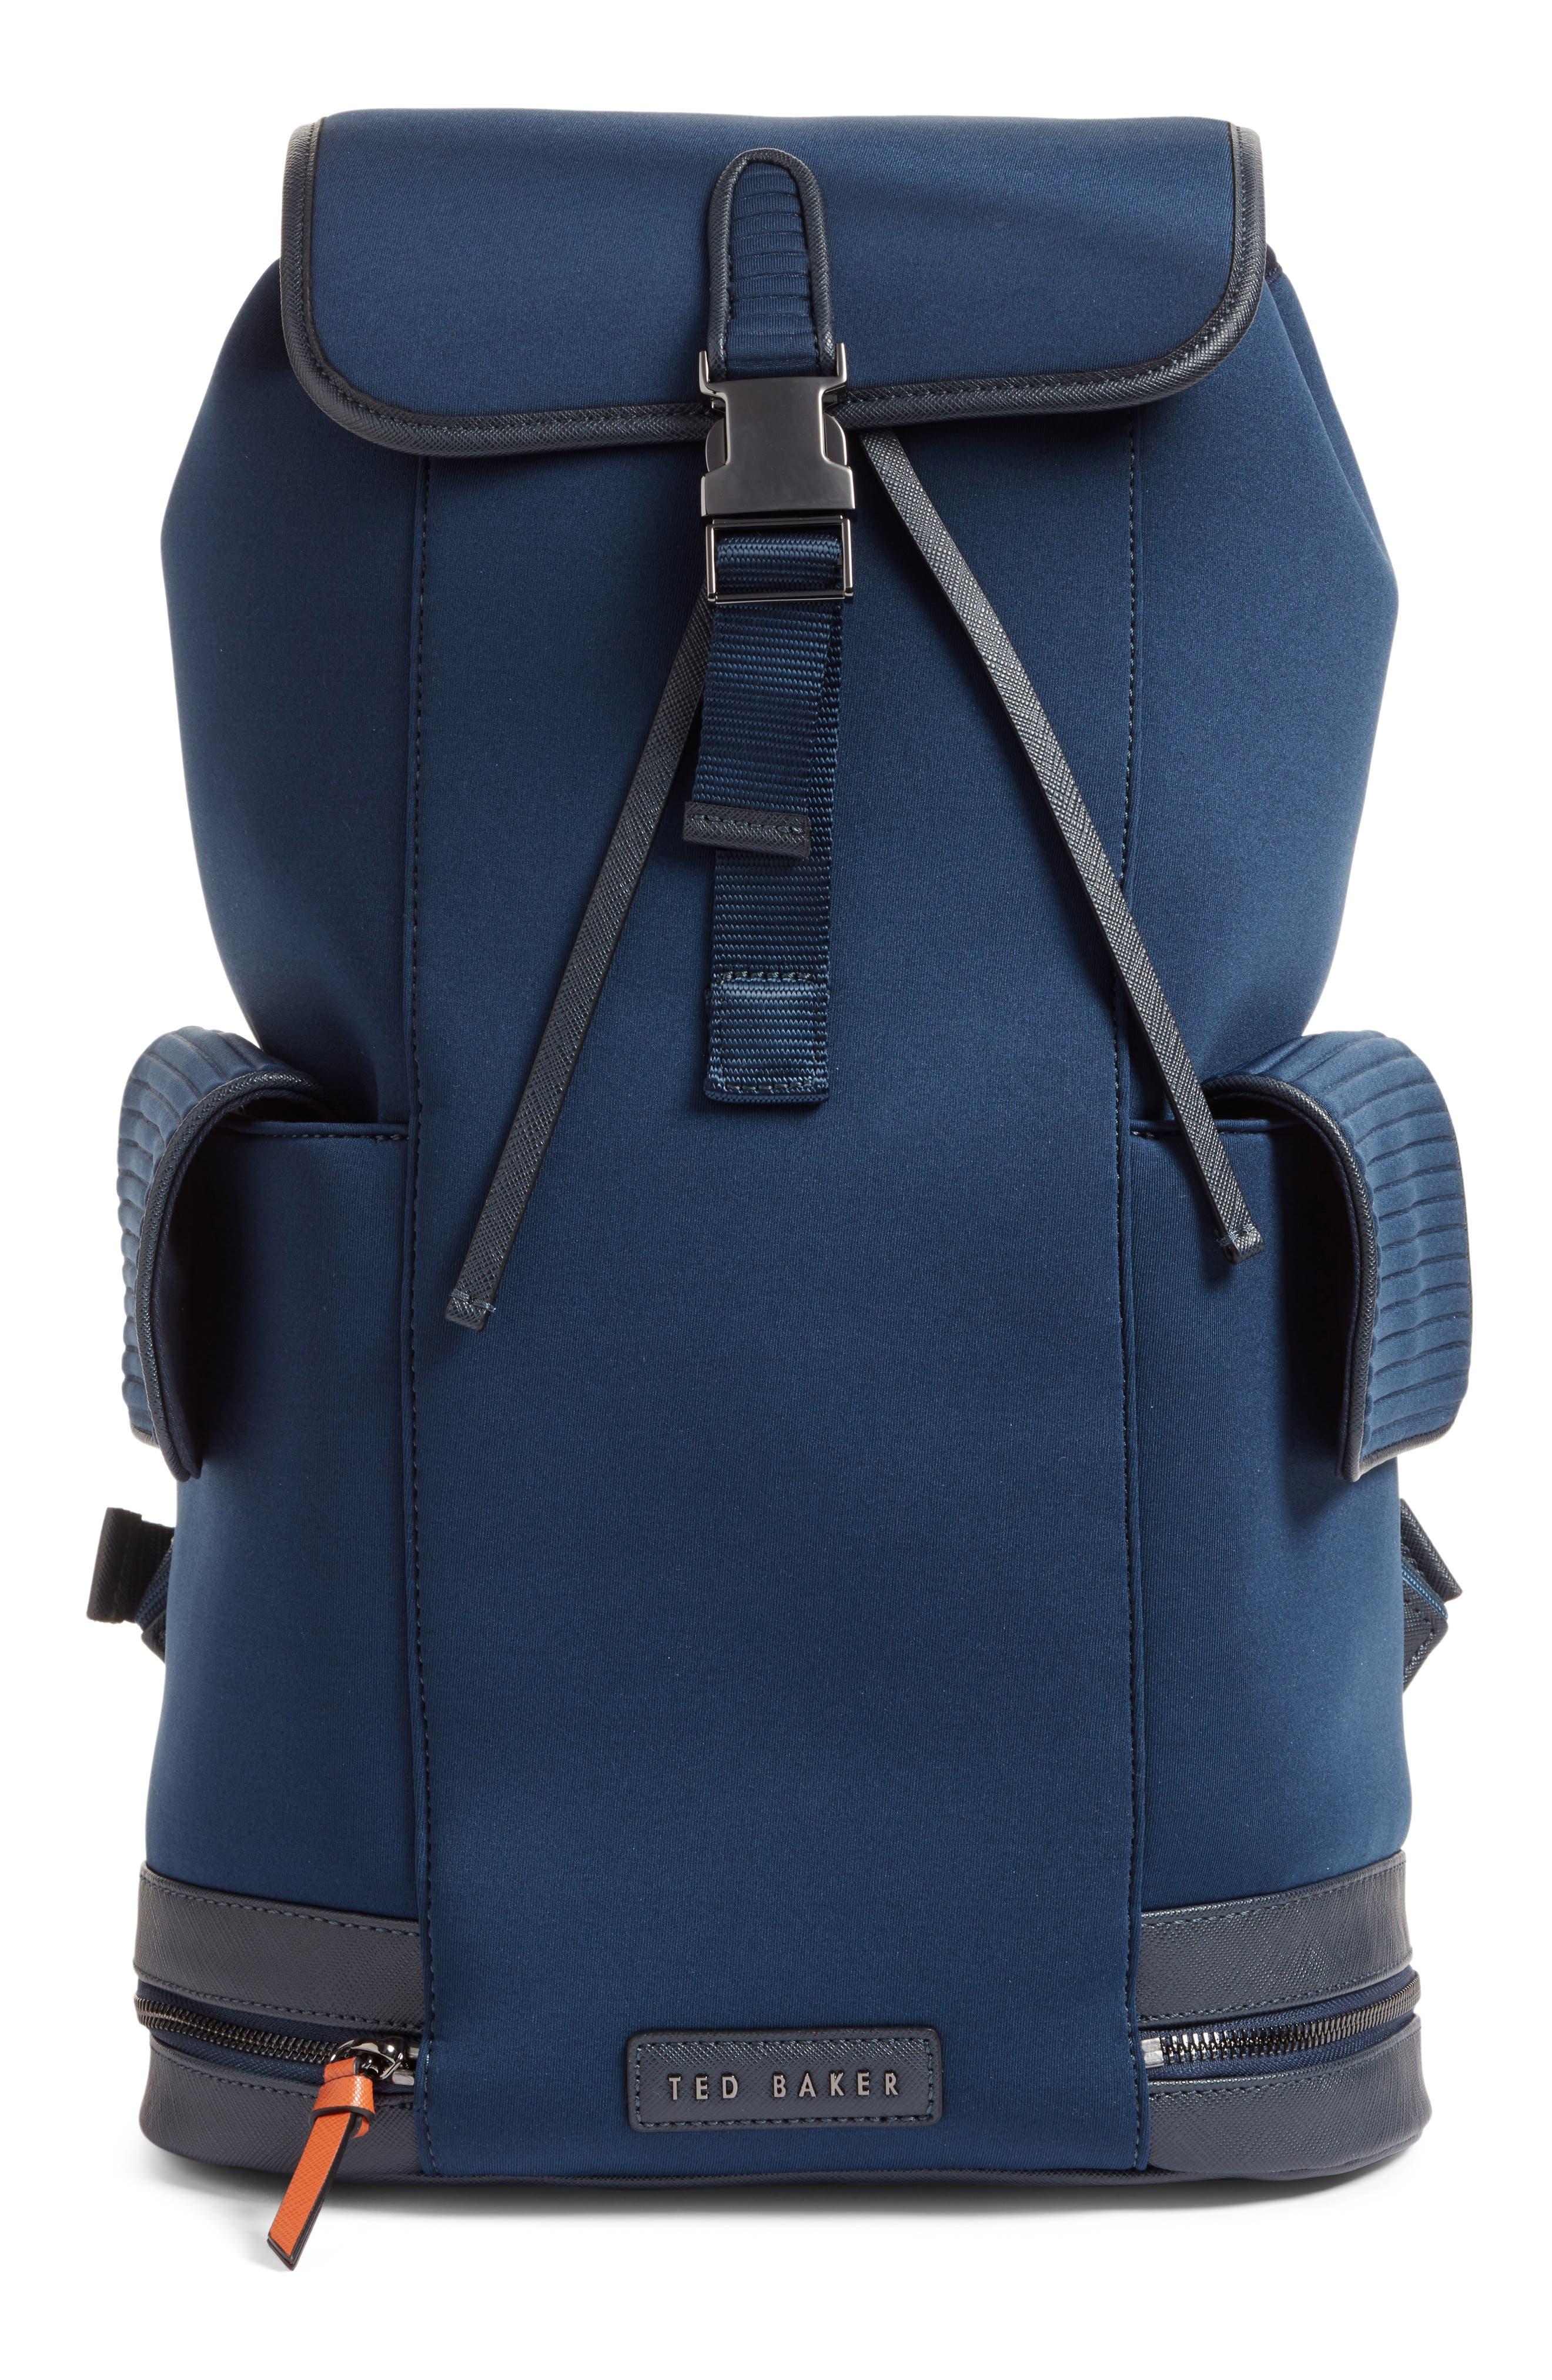 Ted Baker London Sportzi Neoprene Backpack